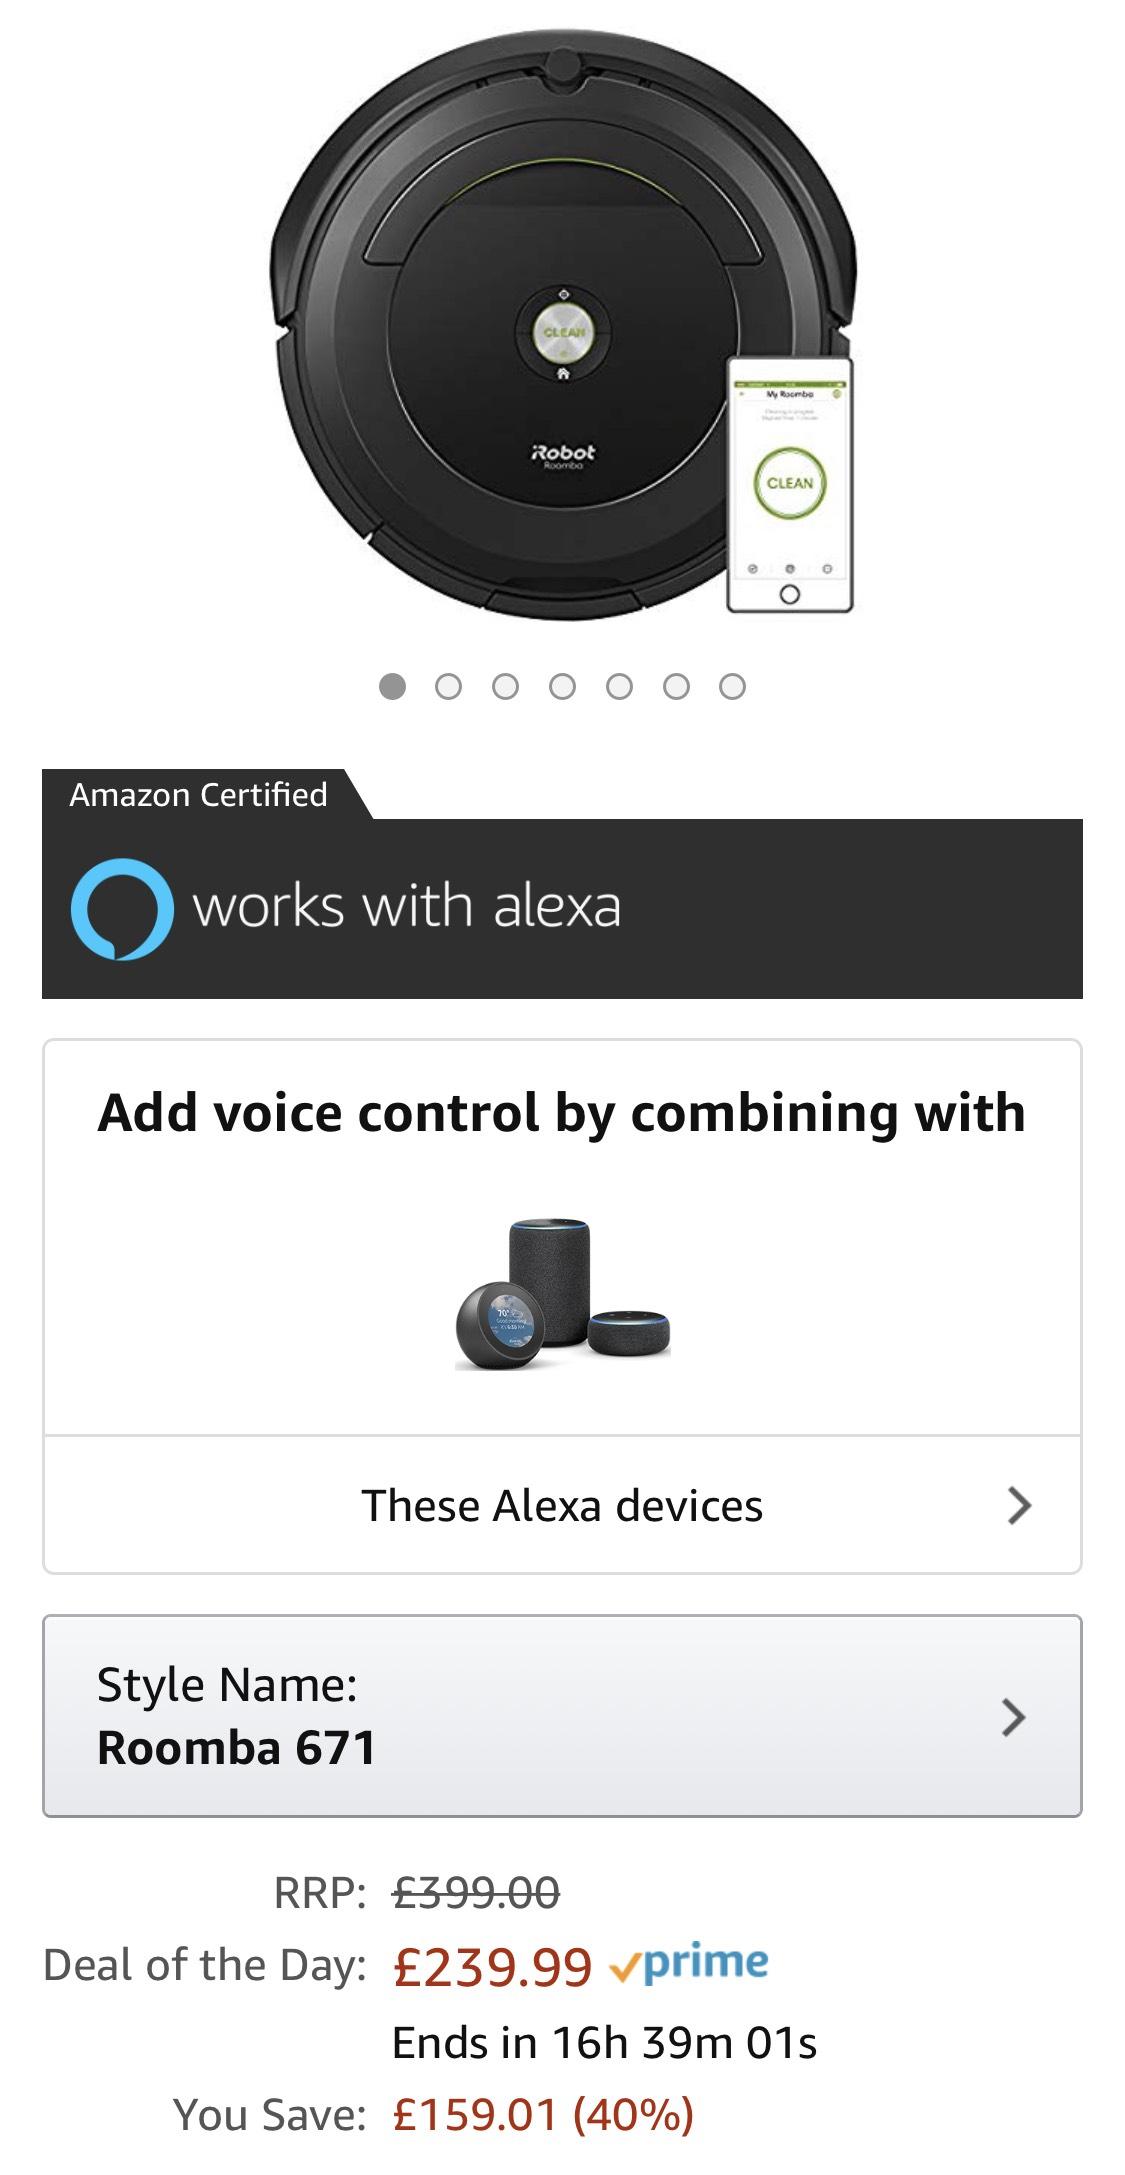 iRobot  Roomba 671 robot vacuum WiFi works with Alexa £239.99 Amazon